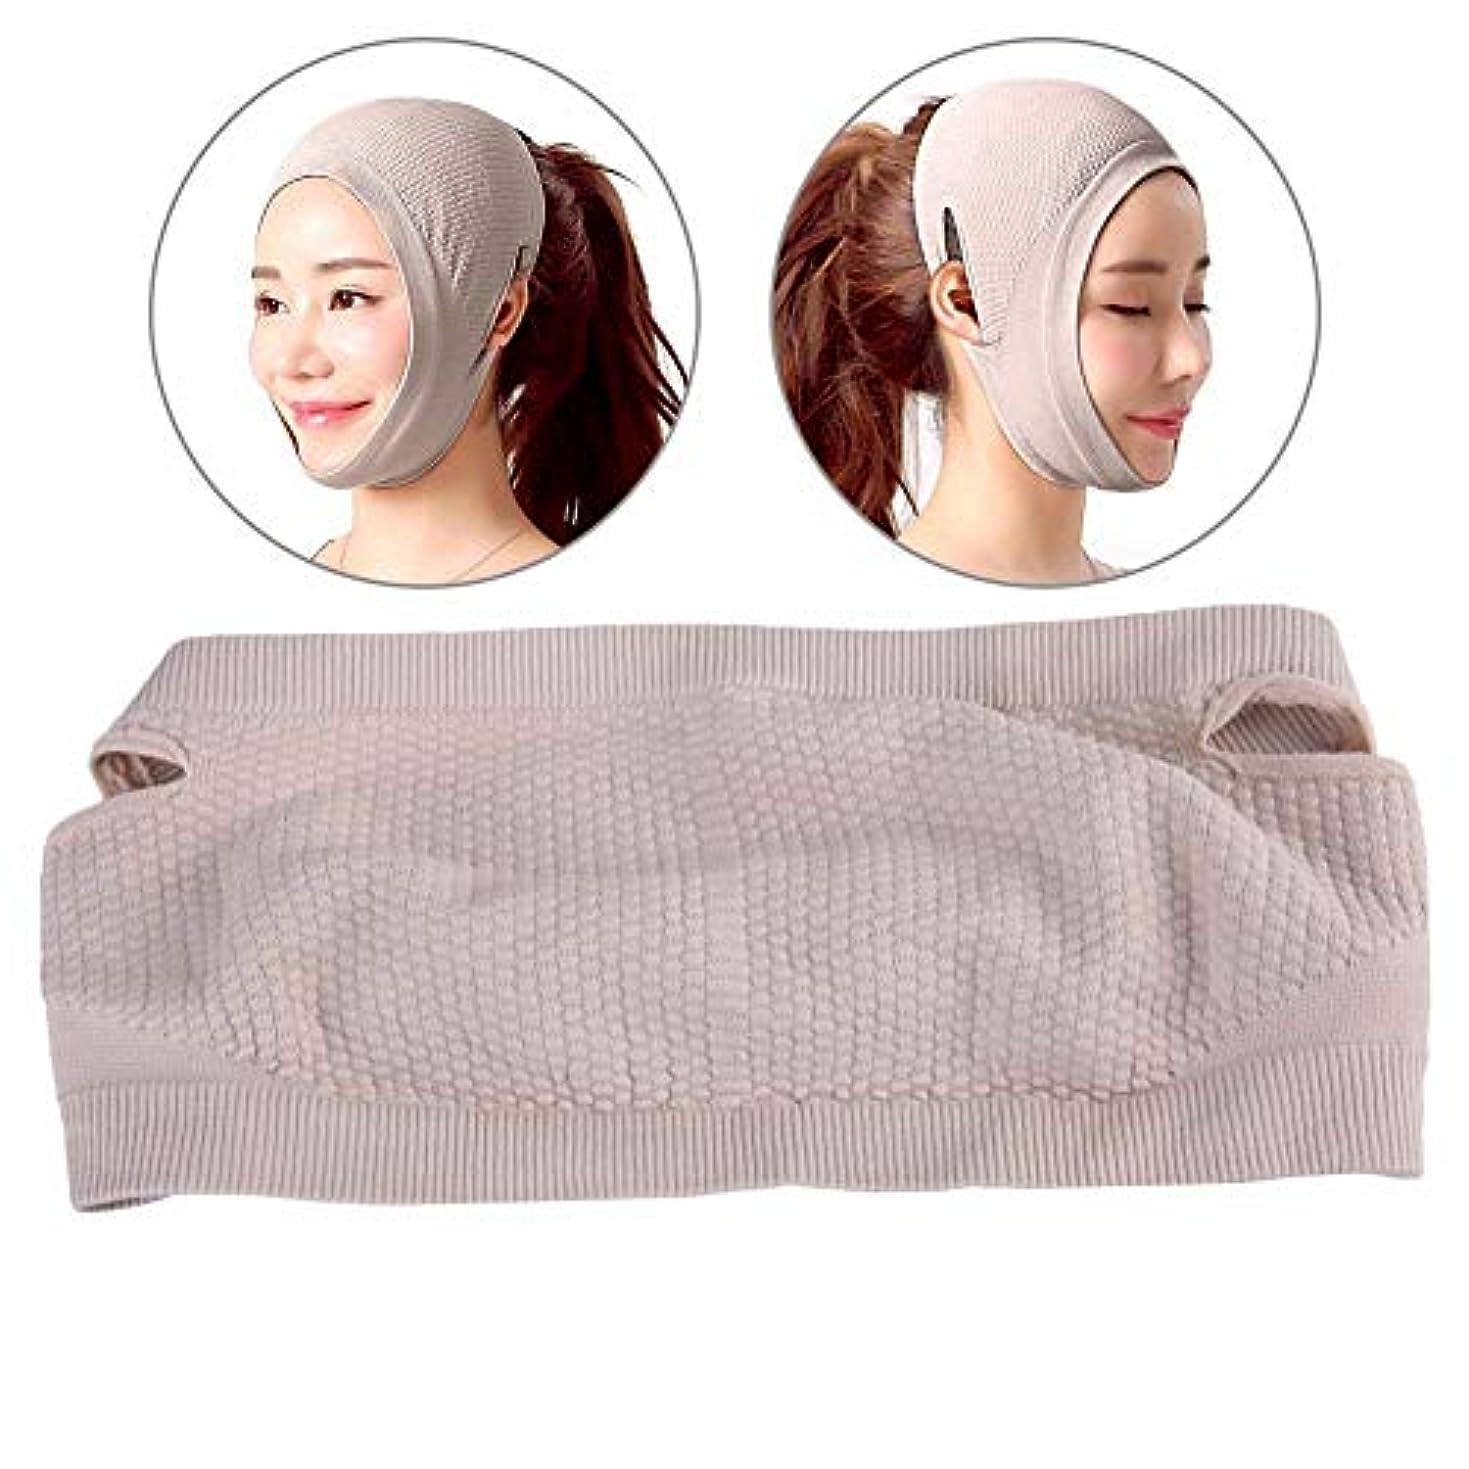 まもなくアーティキュレーションフラフープ顔の輪郭を改善するVフェイス美容包帯 フェイシャルリフティングマスク、露出耳のデザイン/通気性/伸縮性/副作用なし